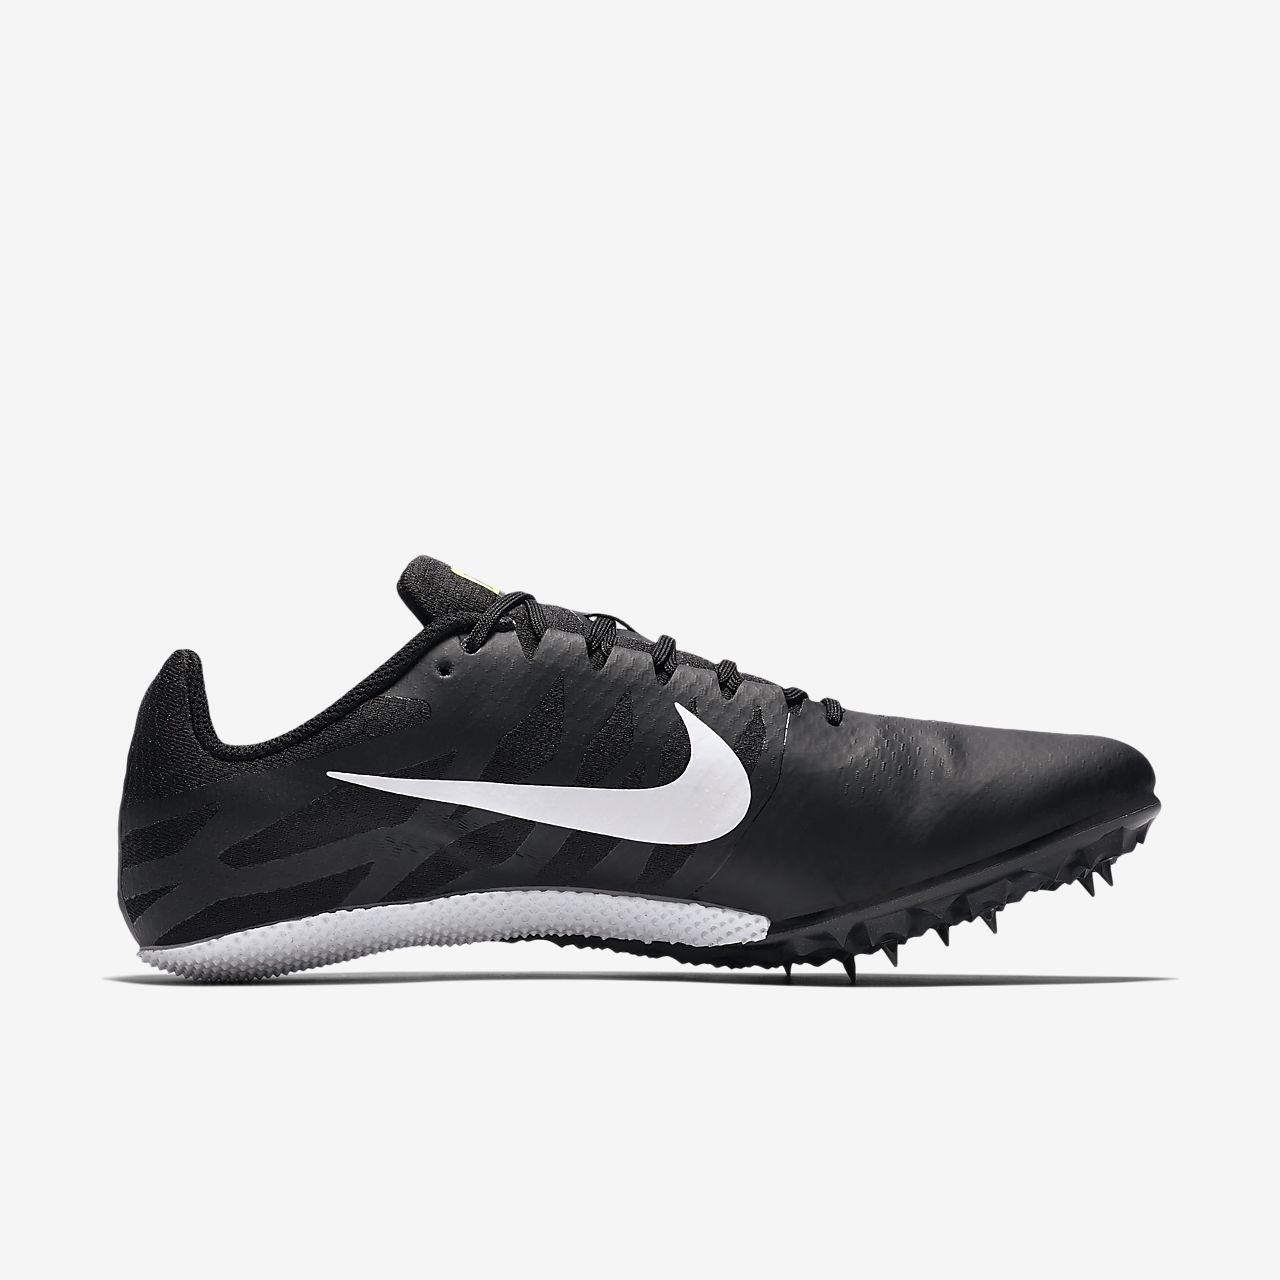 Nike Chiodata 9 Zoom Atletica Rival Unisex S Per Scarpa XTuPkiOZ